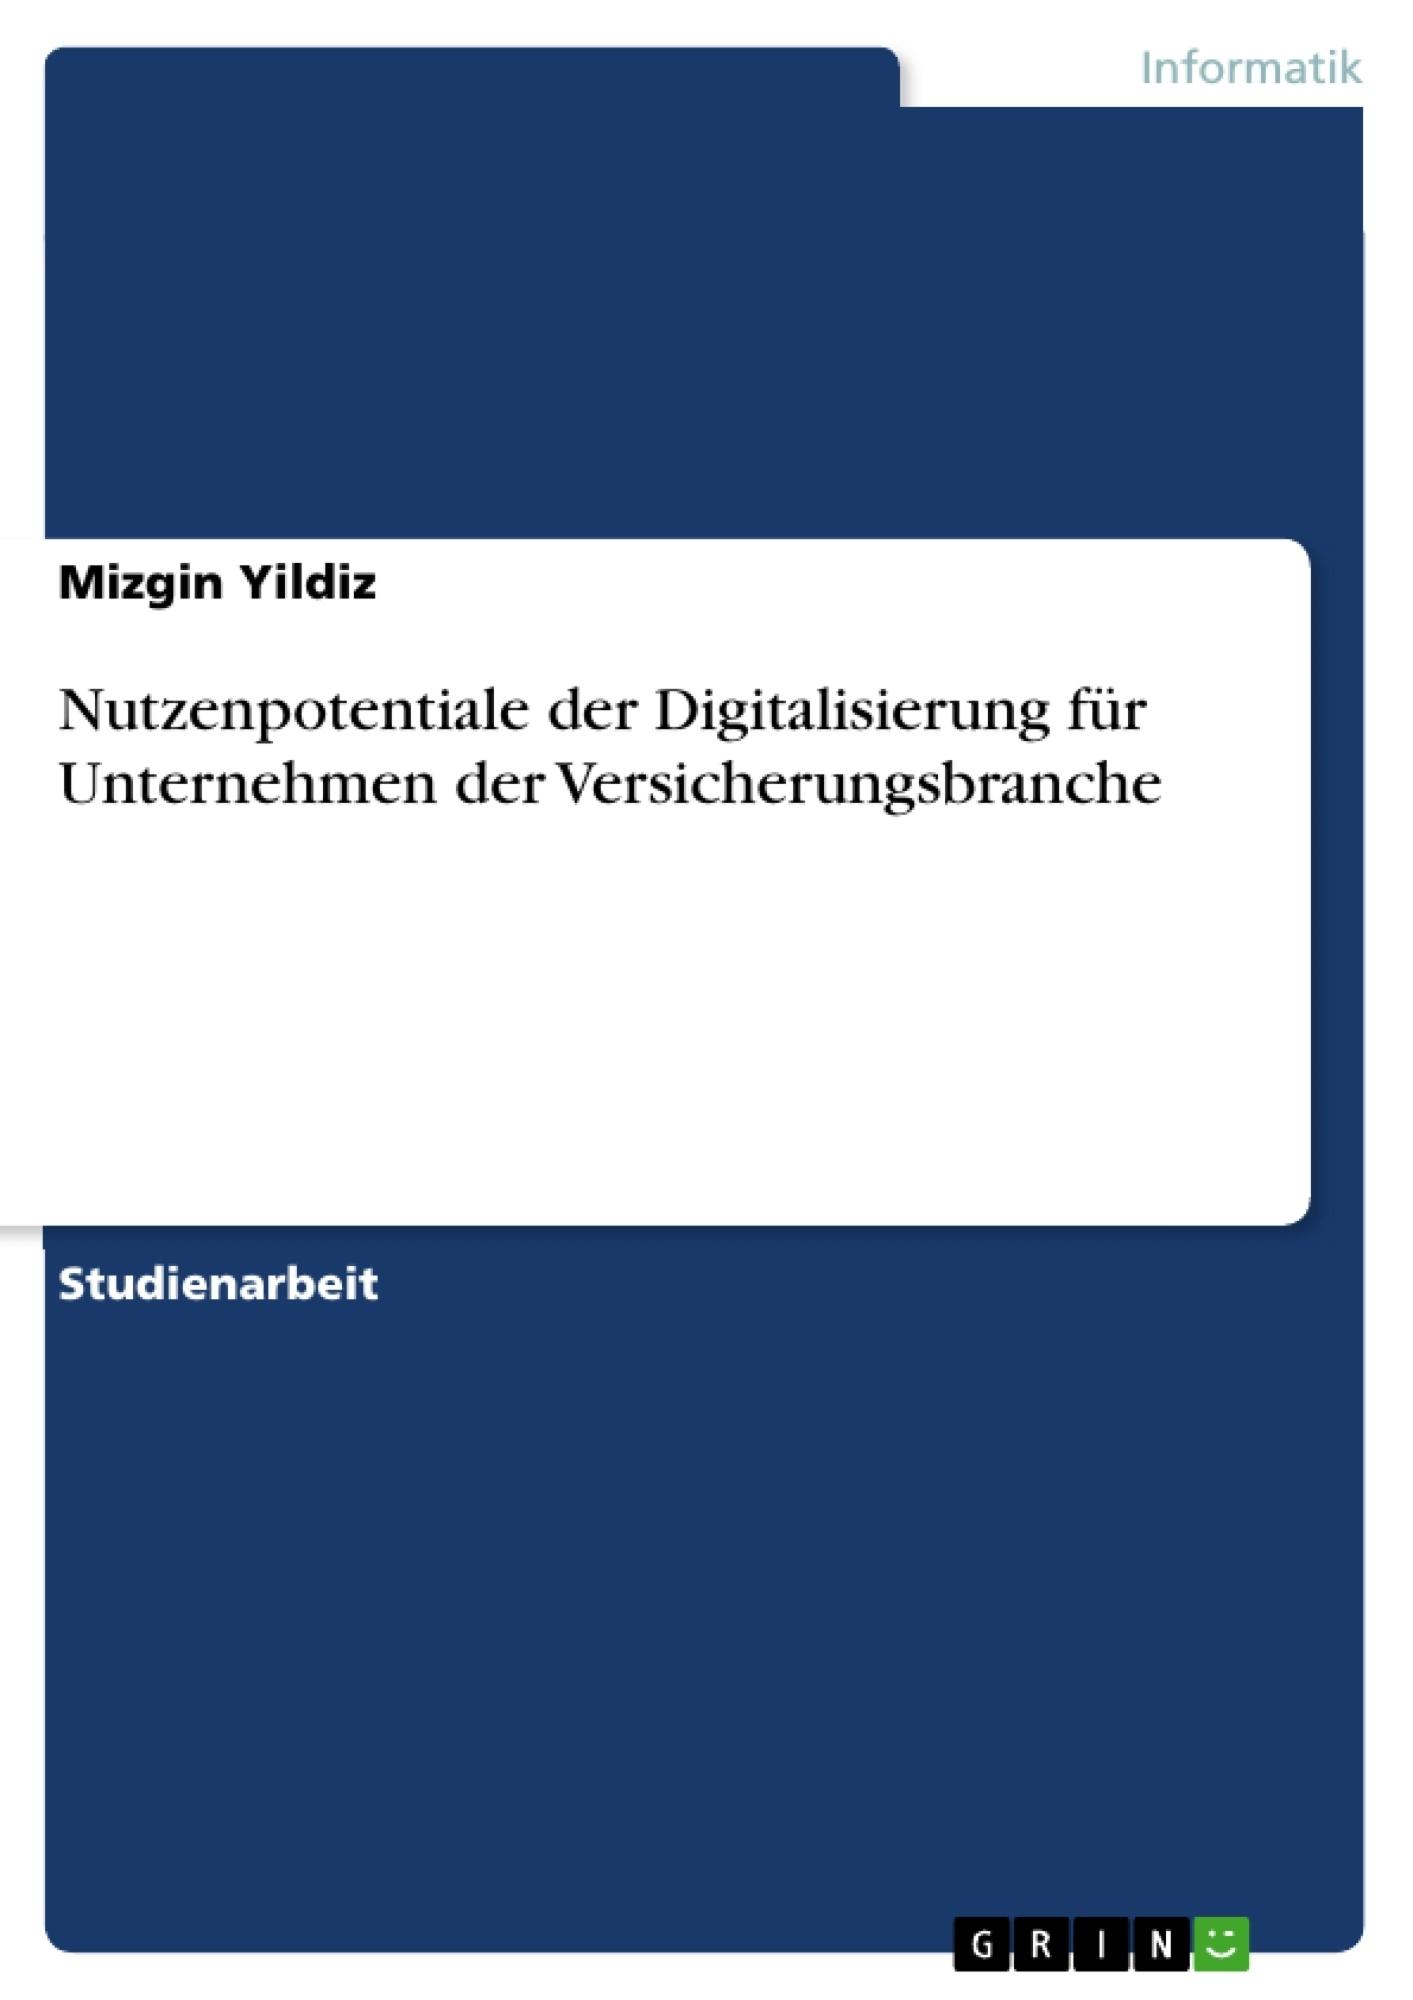 Titel: Nutzenpotentiale der Digitalisierung für Unternehmen der Versicherungsbranche